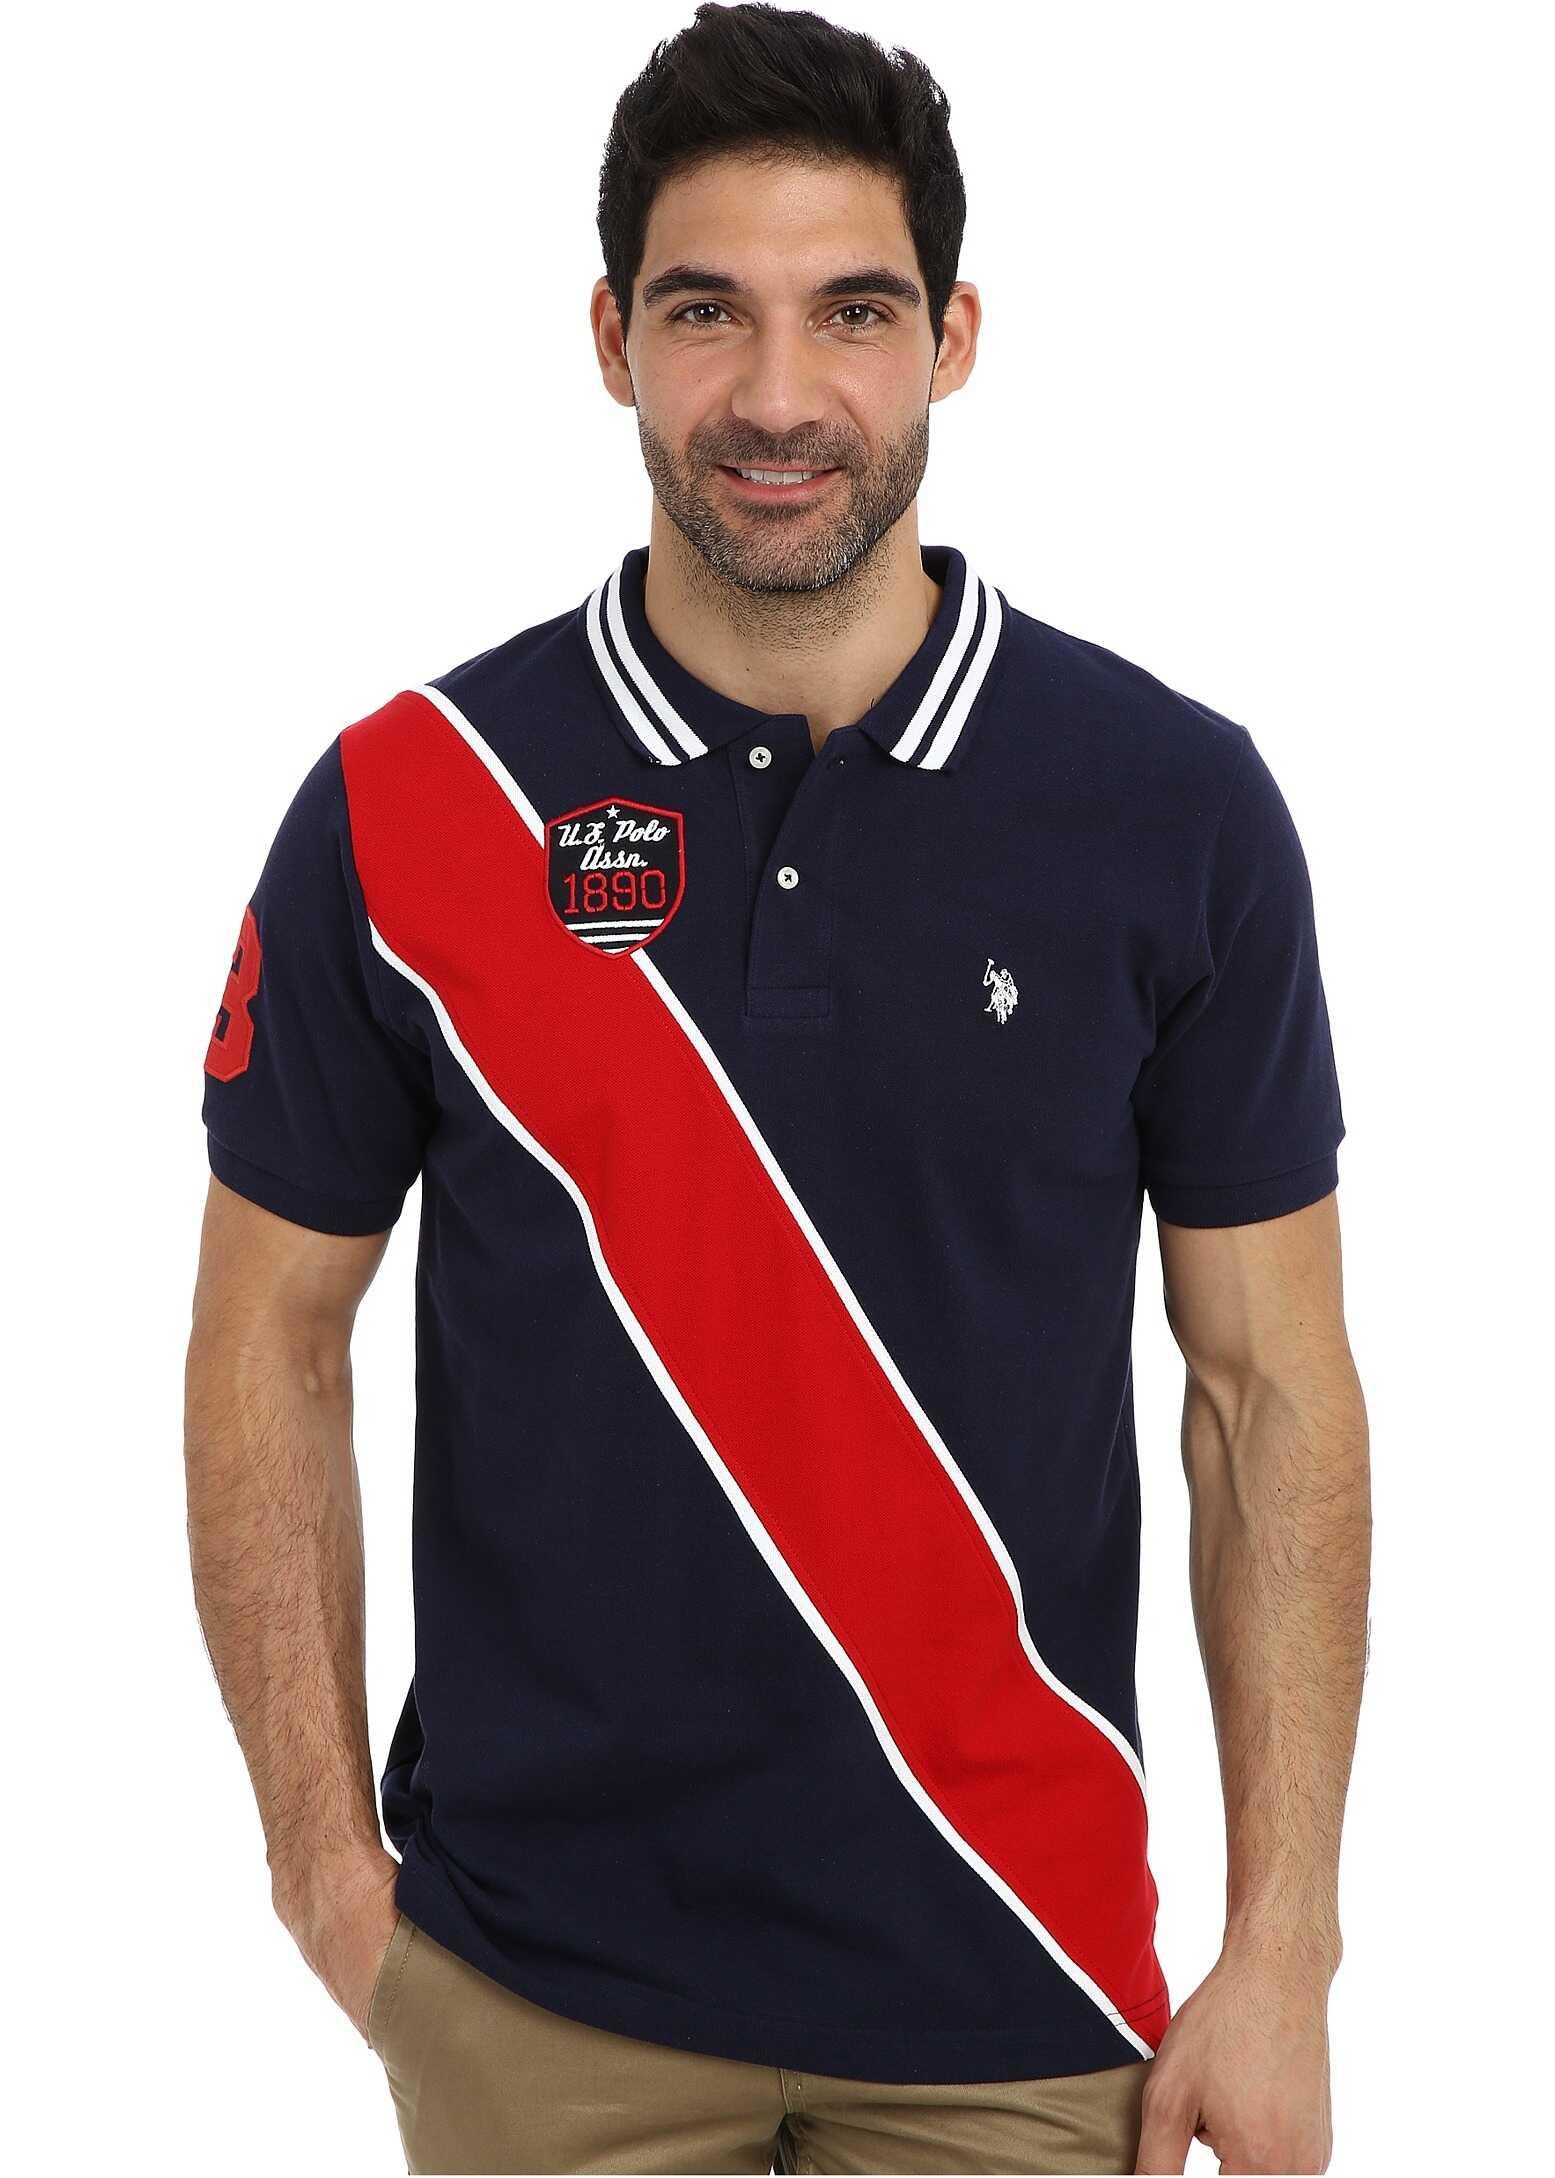 U.S. POLO ASSN. Diagonal Stripes Short Sleeve Pique Polo Classic Navy